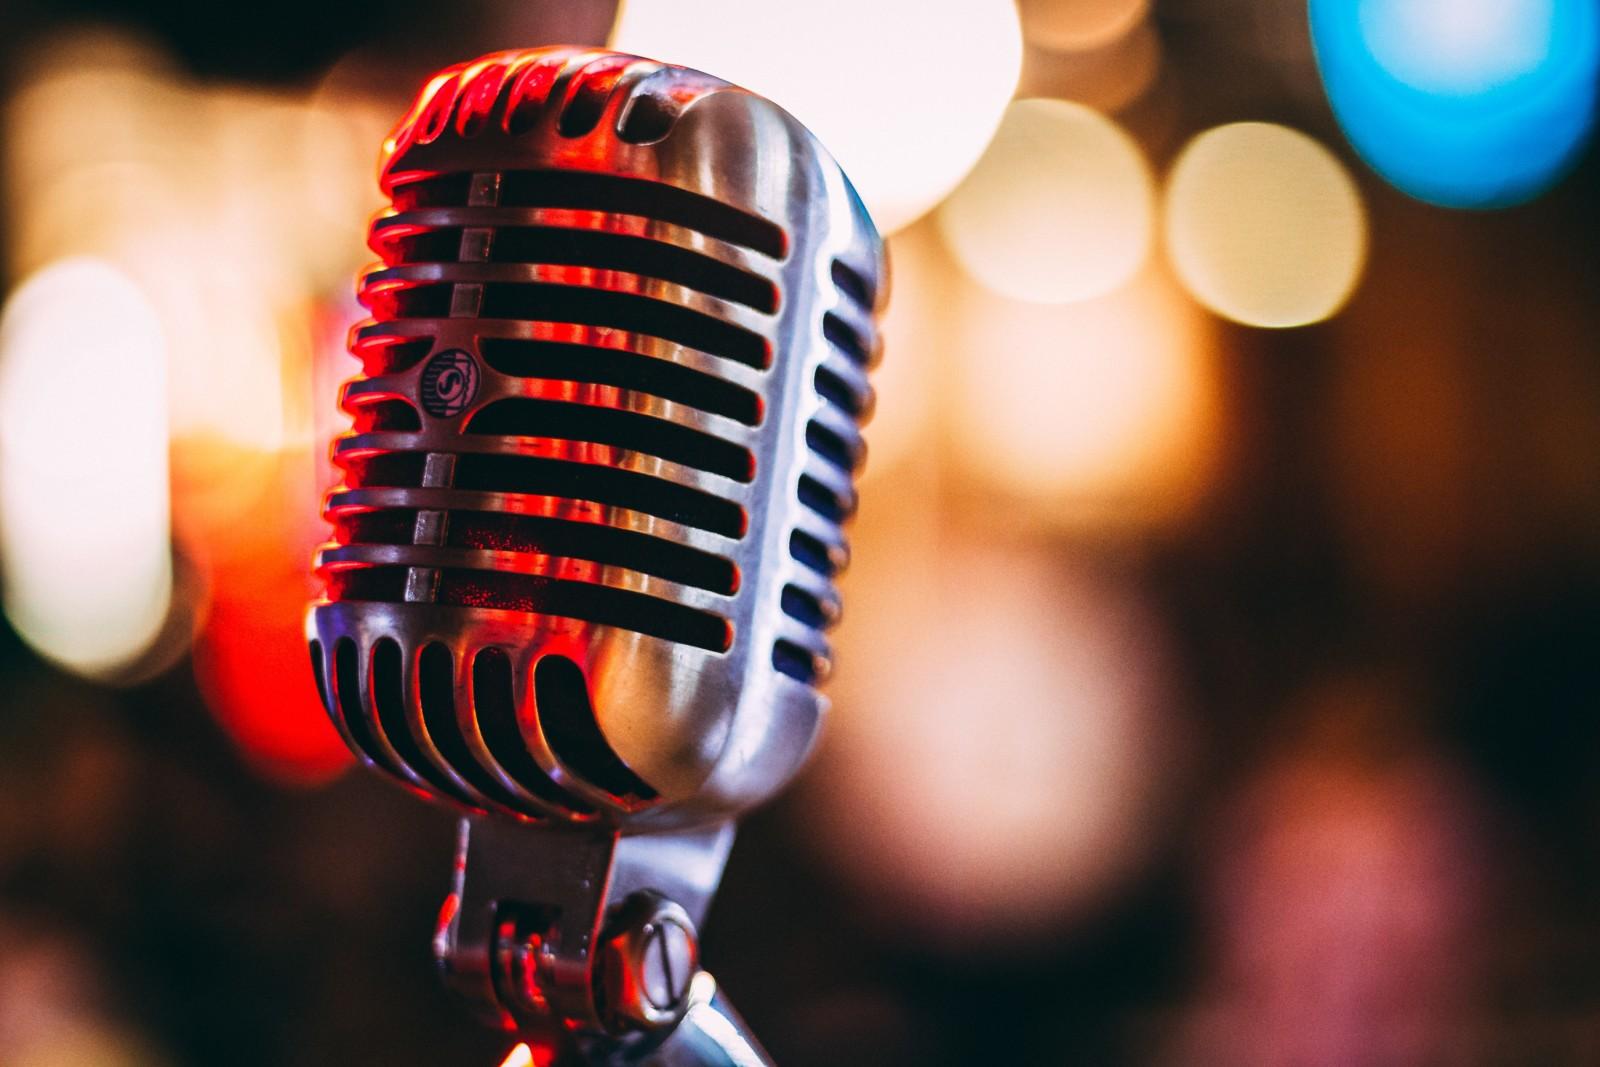 radio - microfono - musica - spettacolo